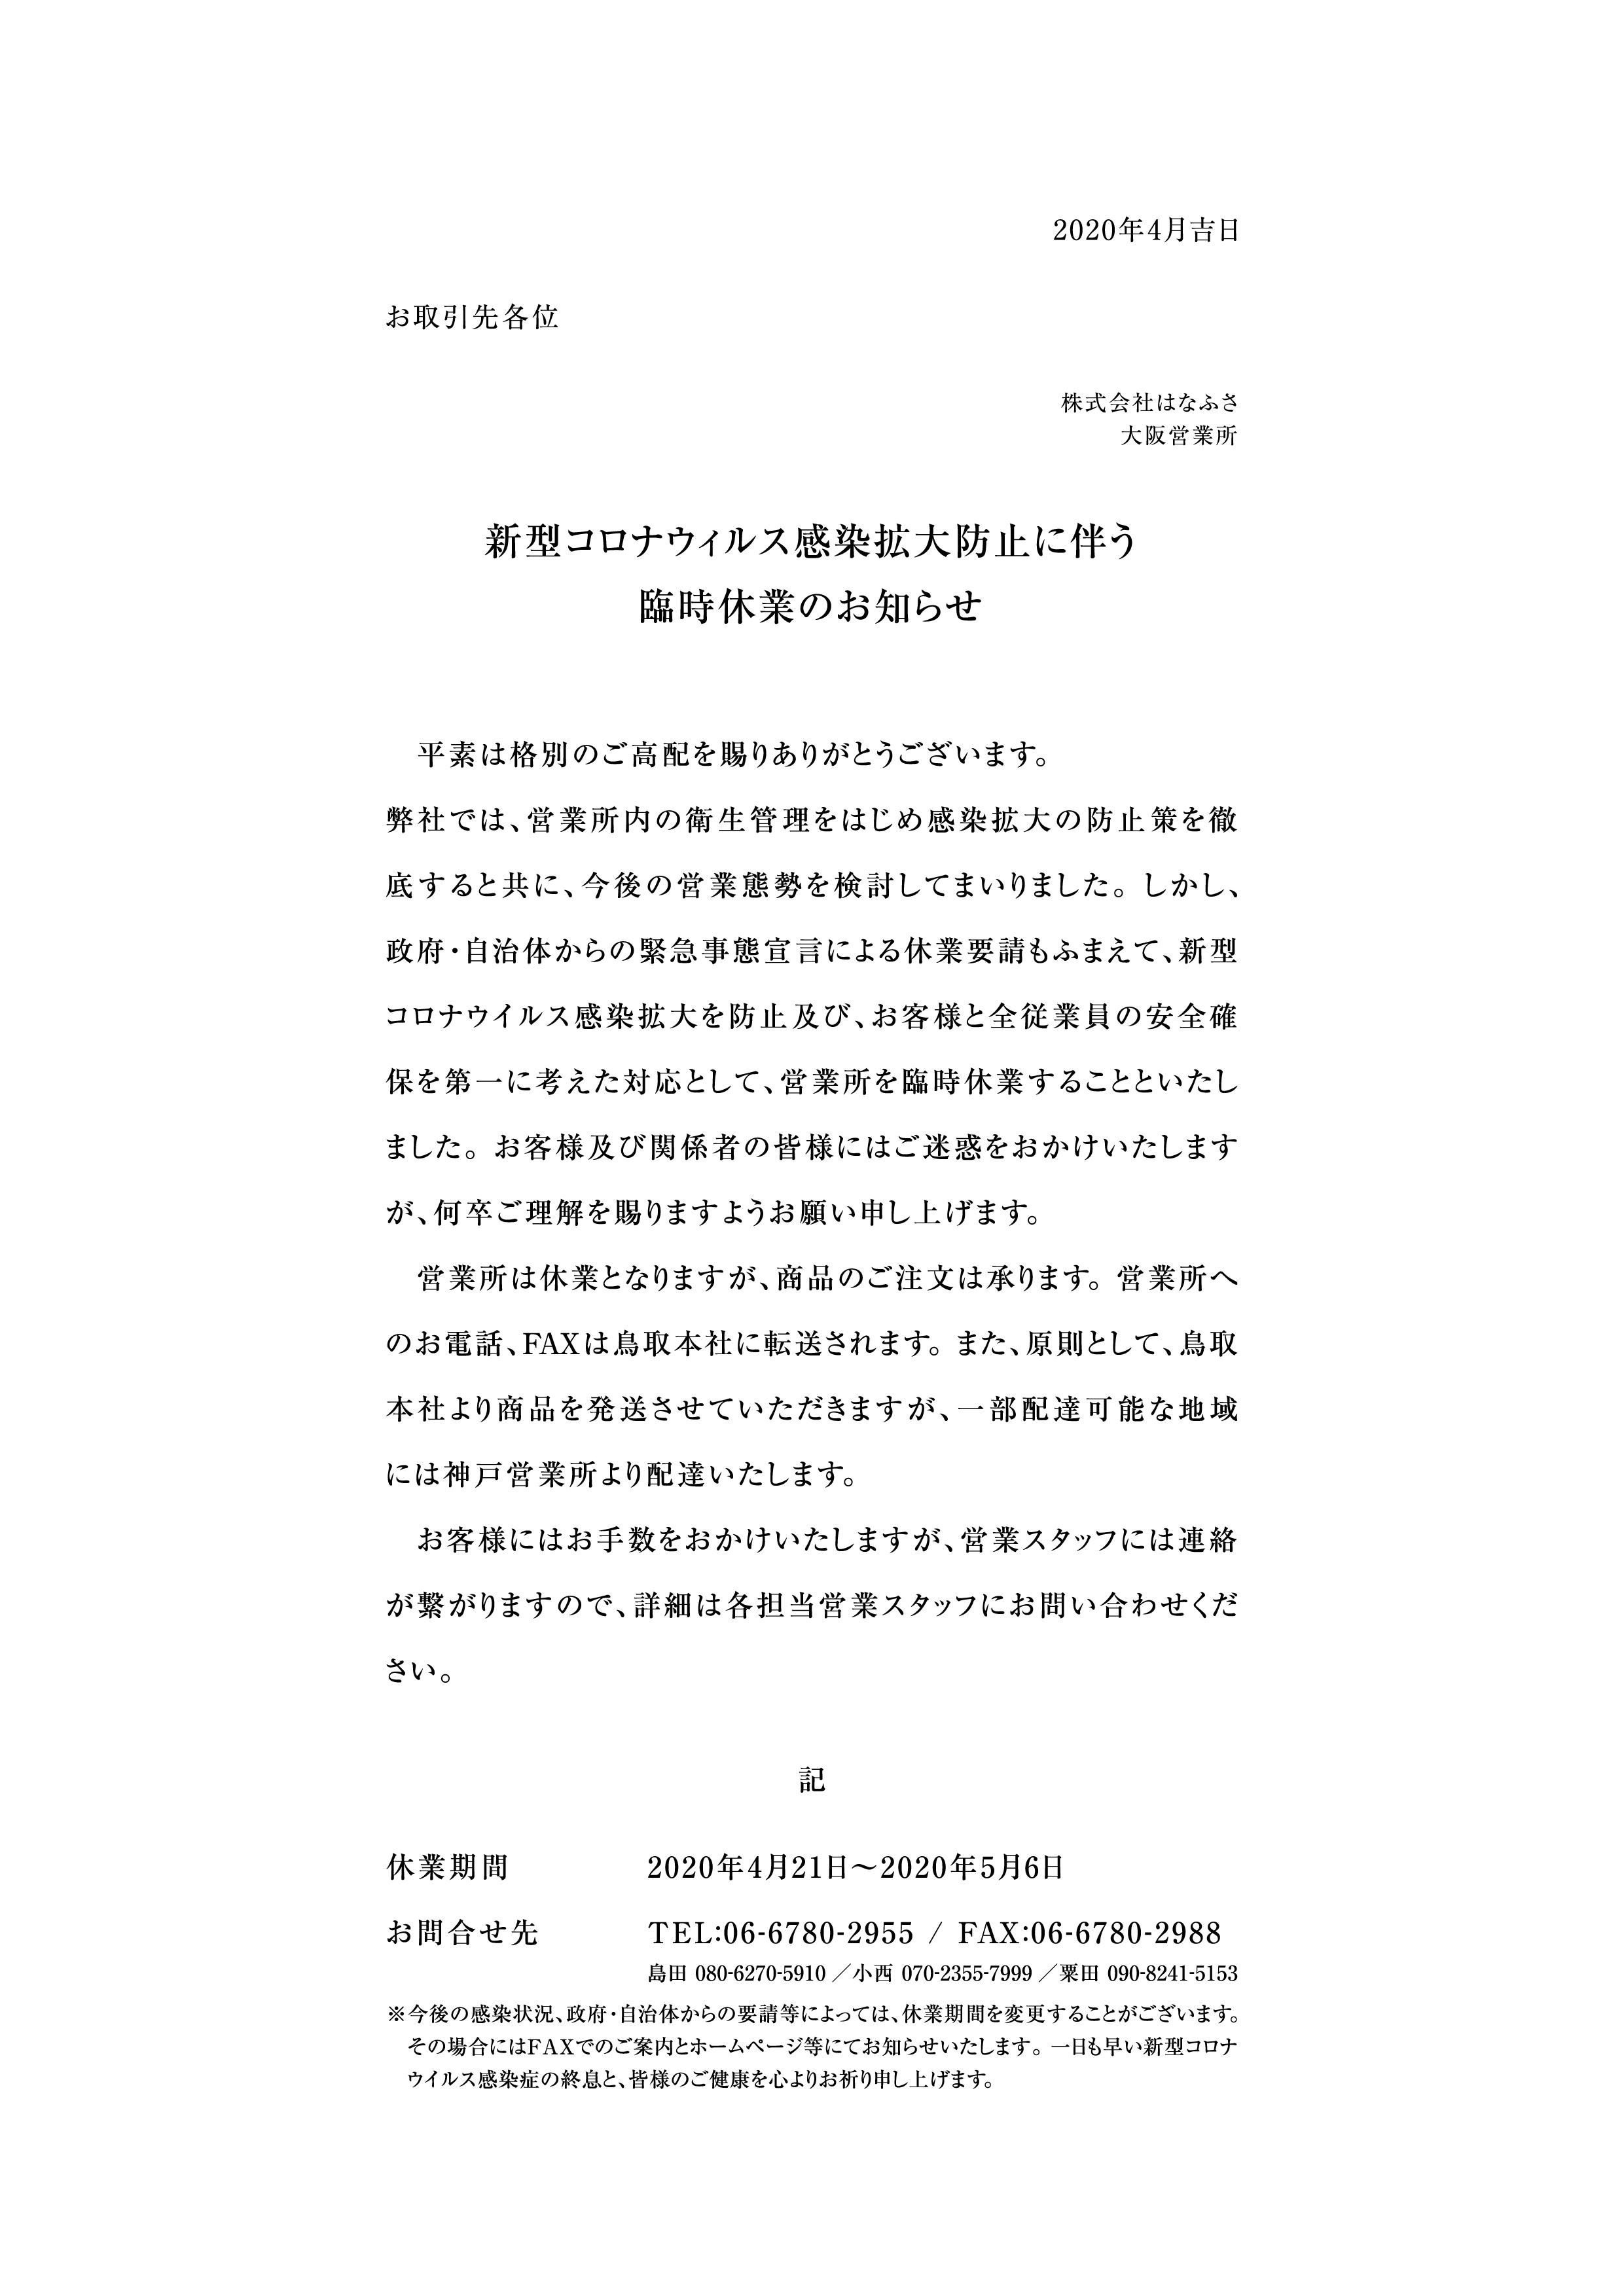 大阪営業所臨時休業のお知らせ